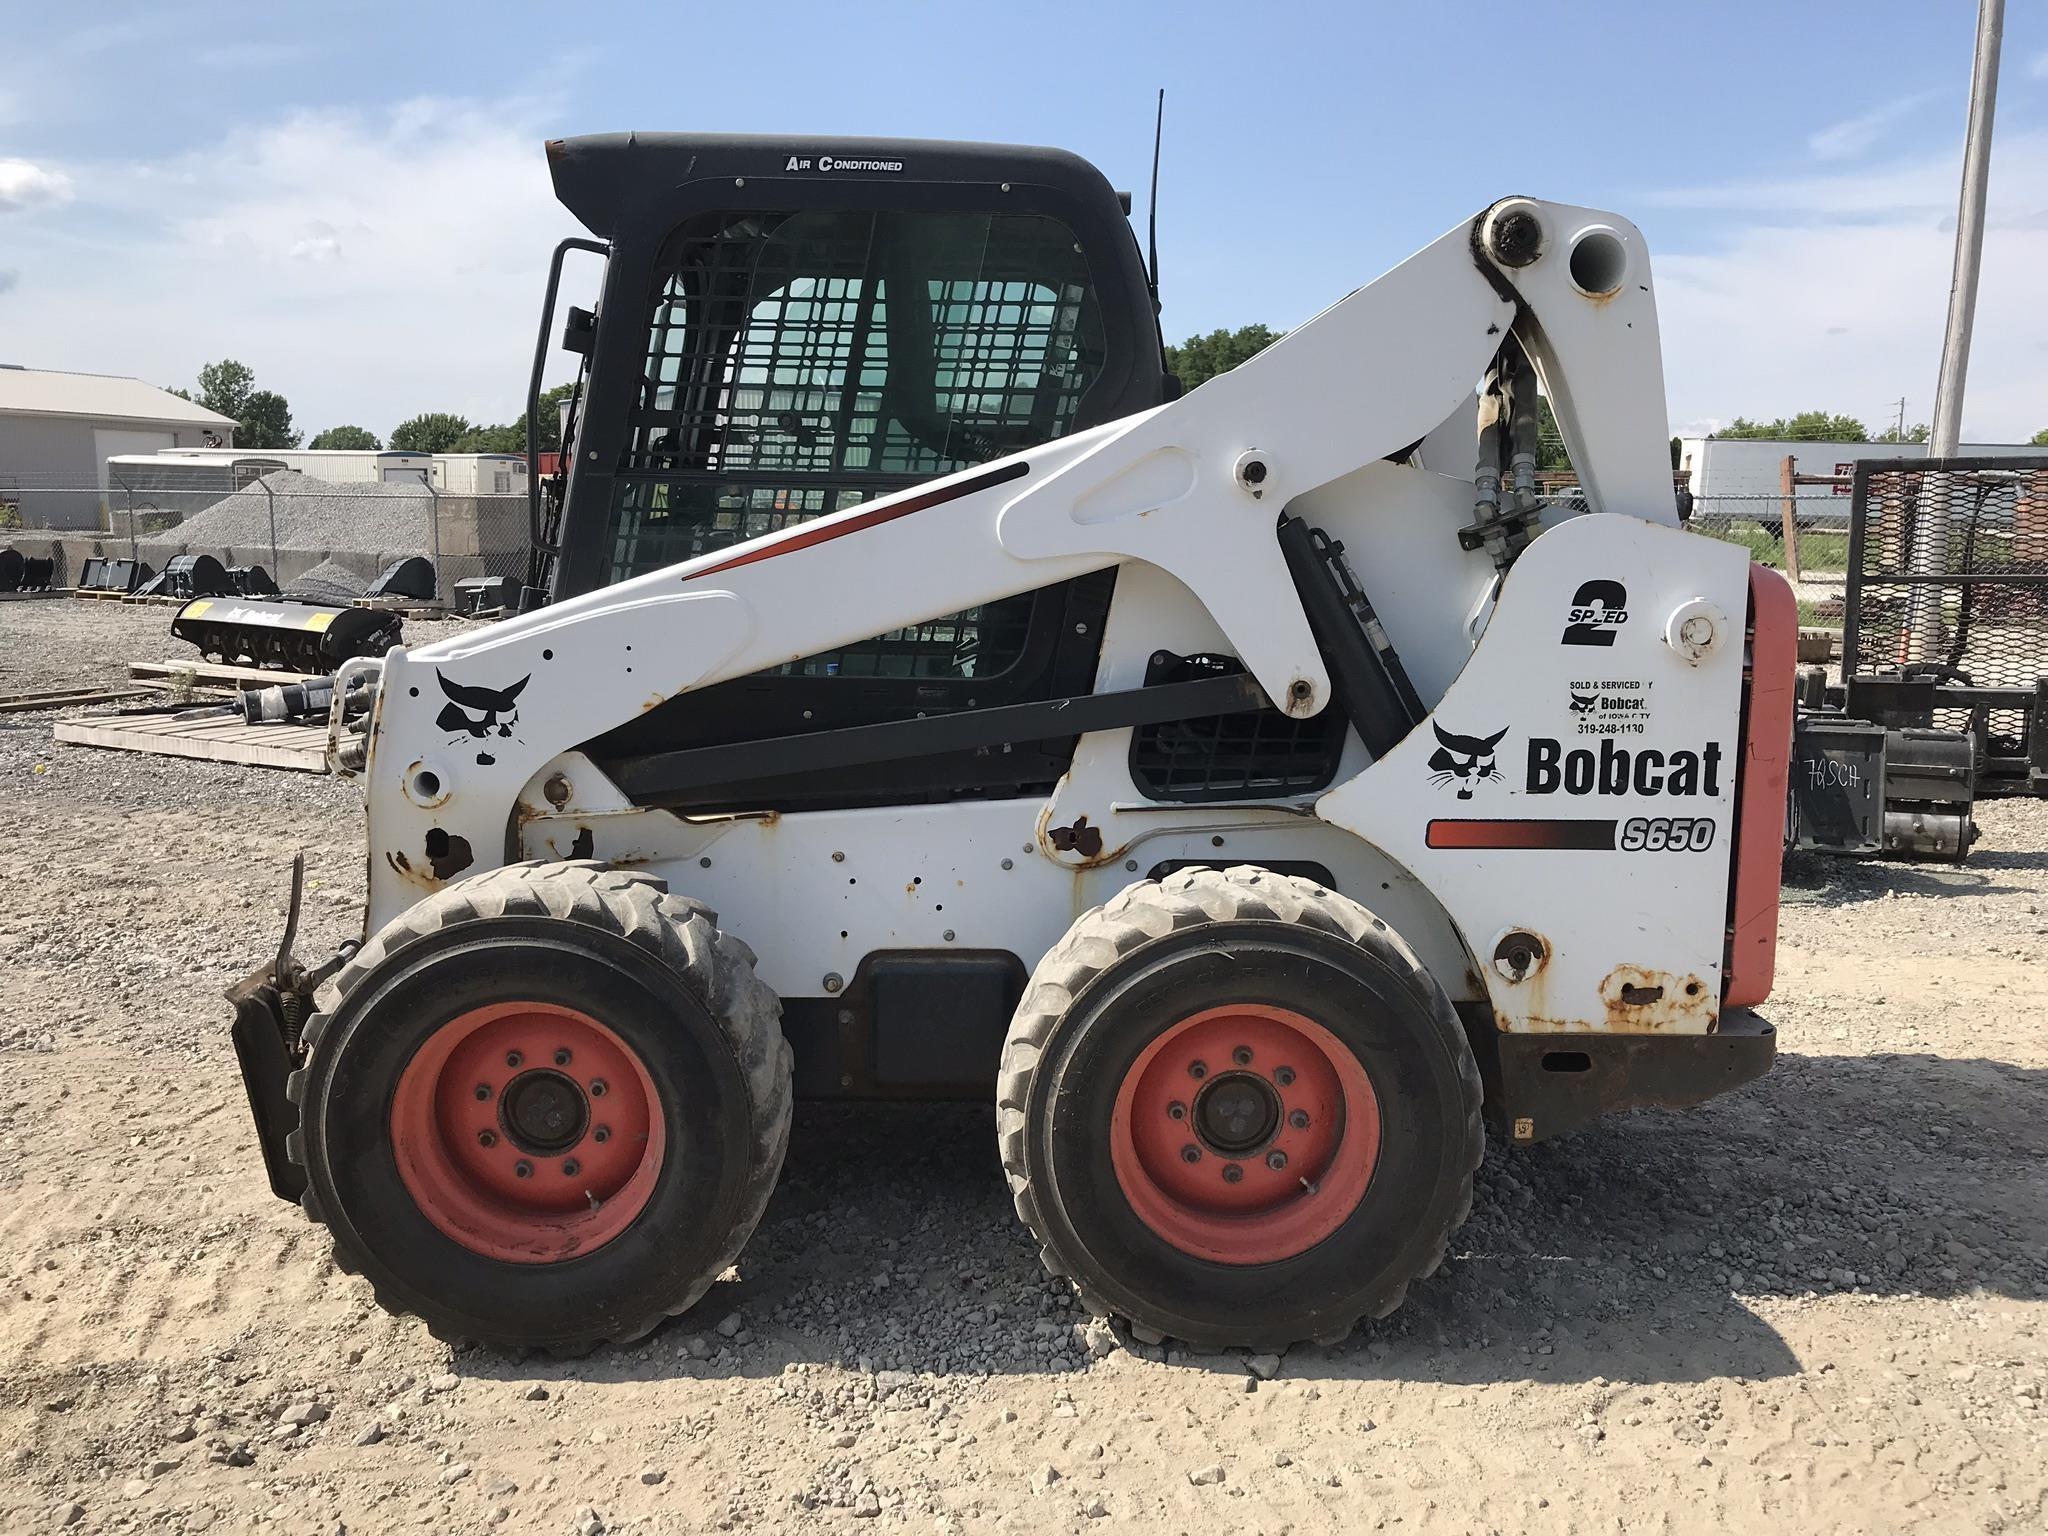 Bobcat S650 Skid Steer Loaders for Sale | CEG